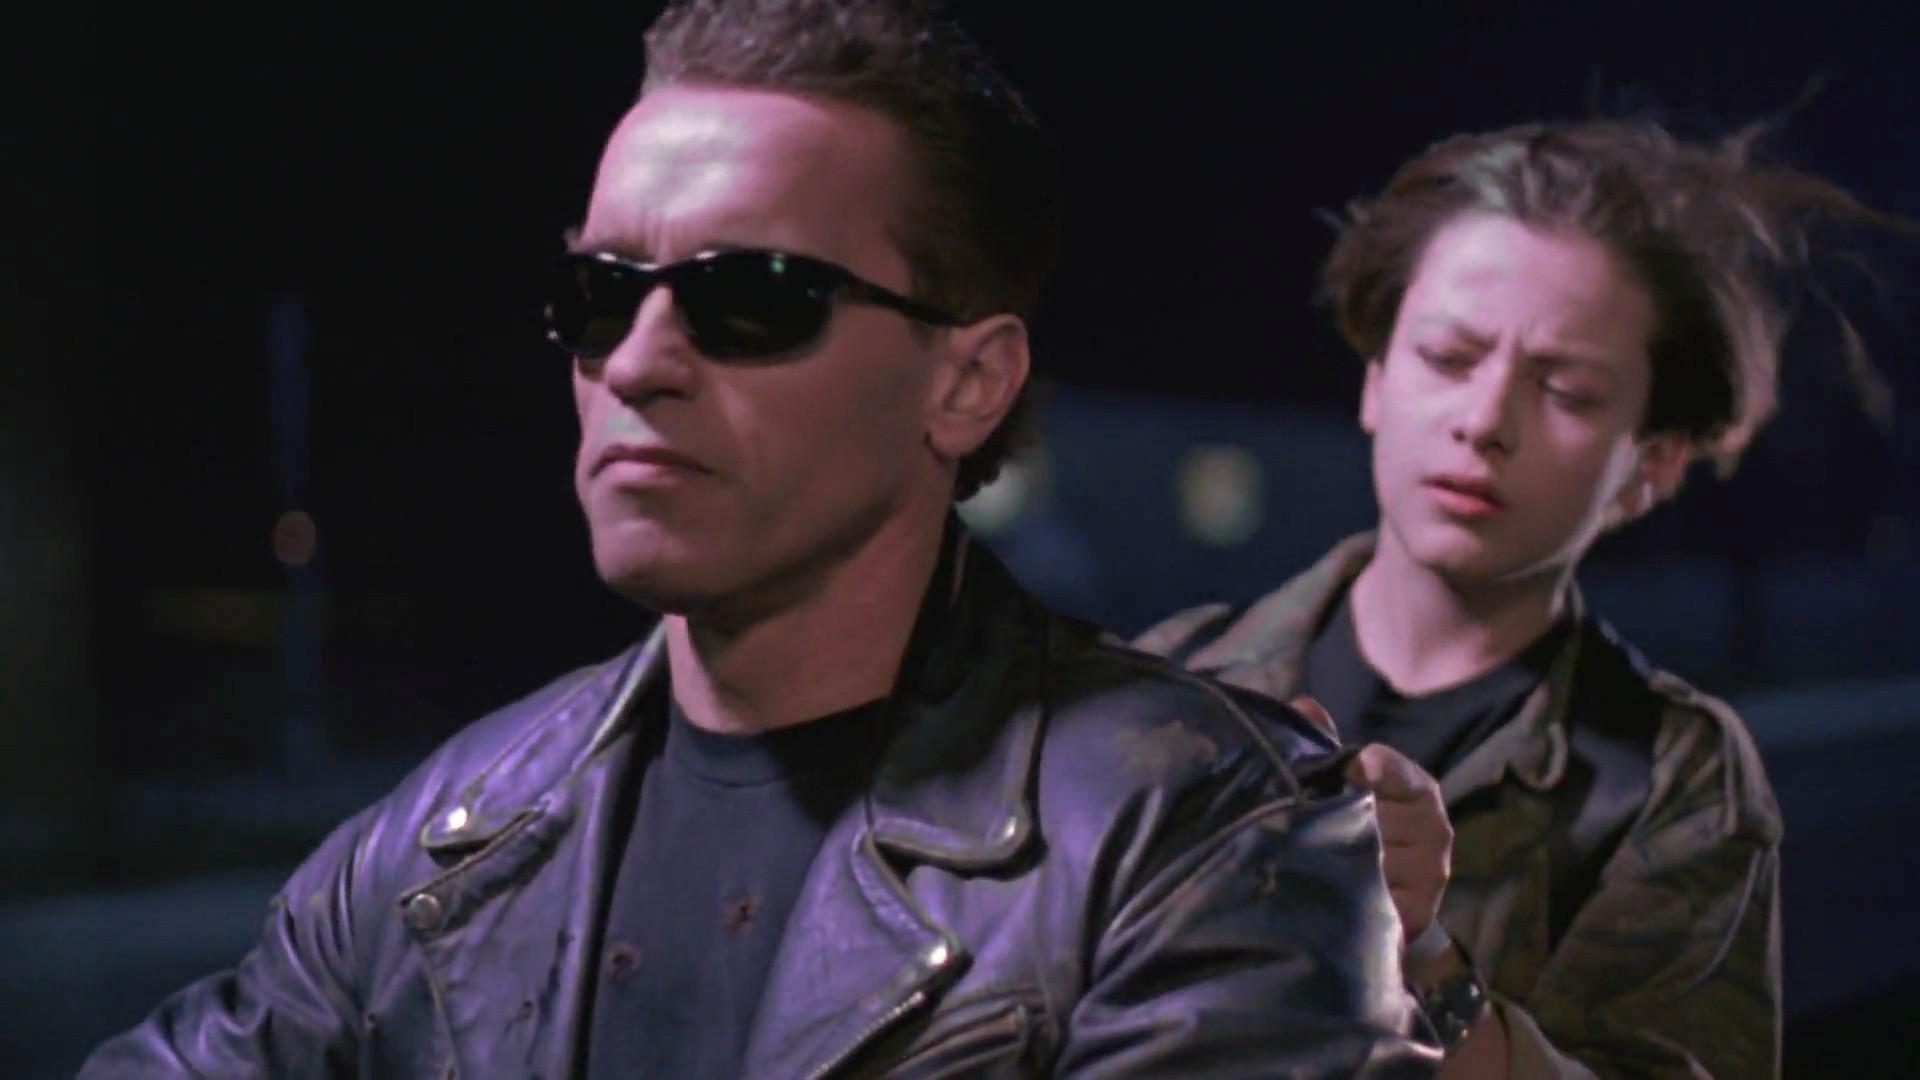 """FOTO! Îţi mai aduci de puştiul din """"Terminator"""" care juca alături de Arnold? Acum este de nerecunoscut"""